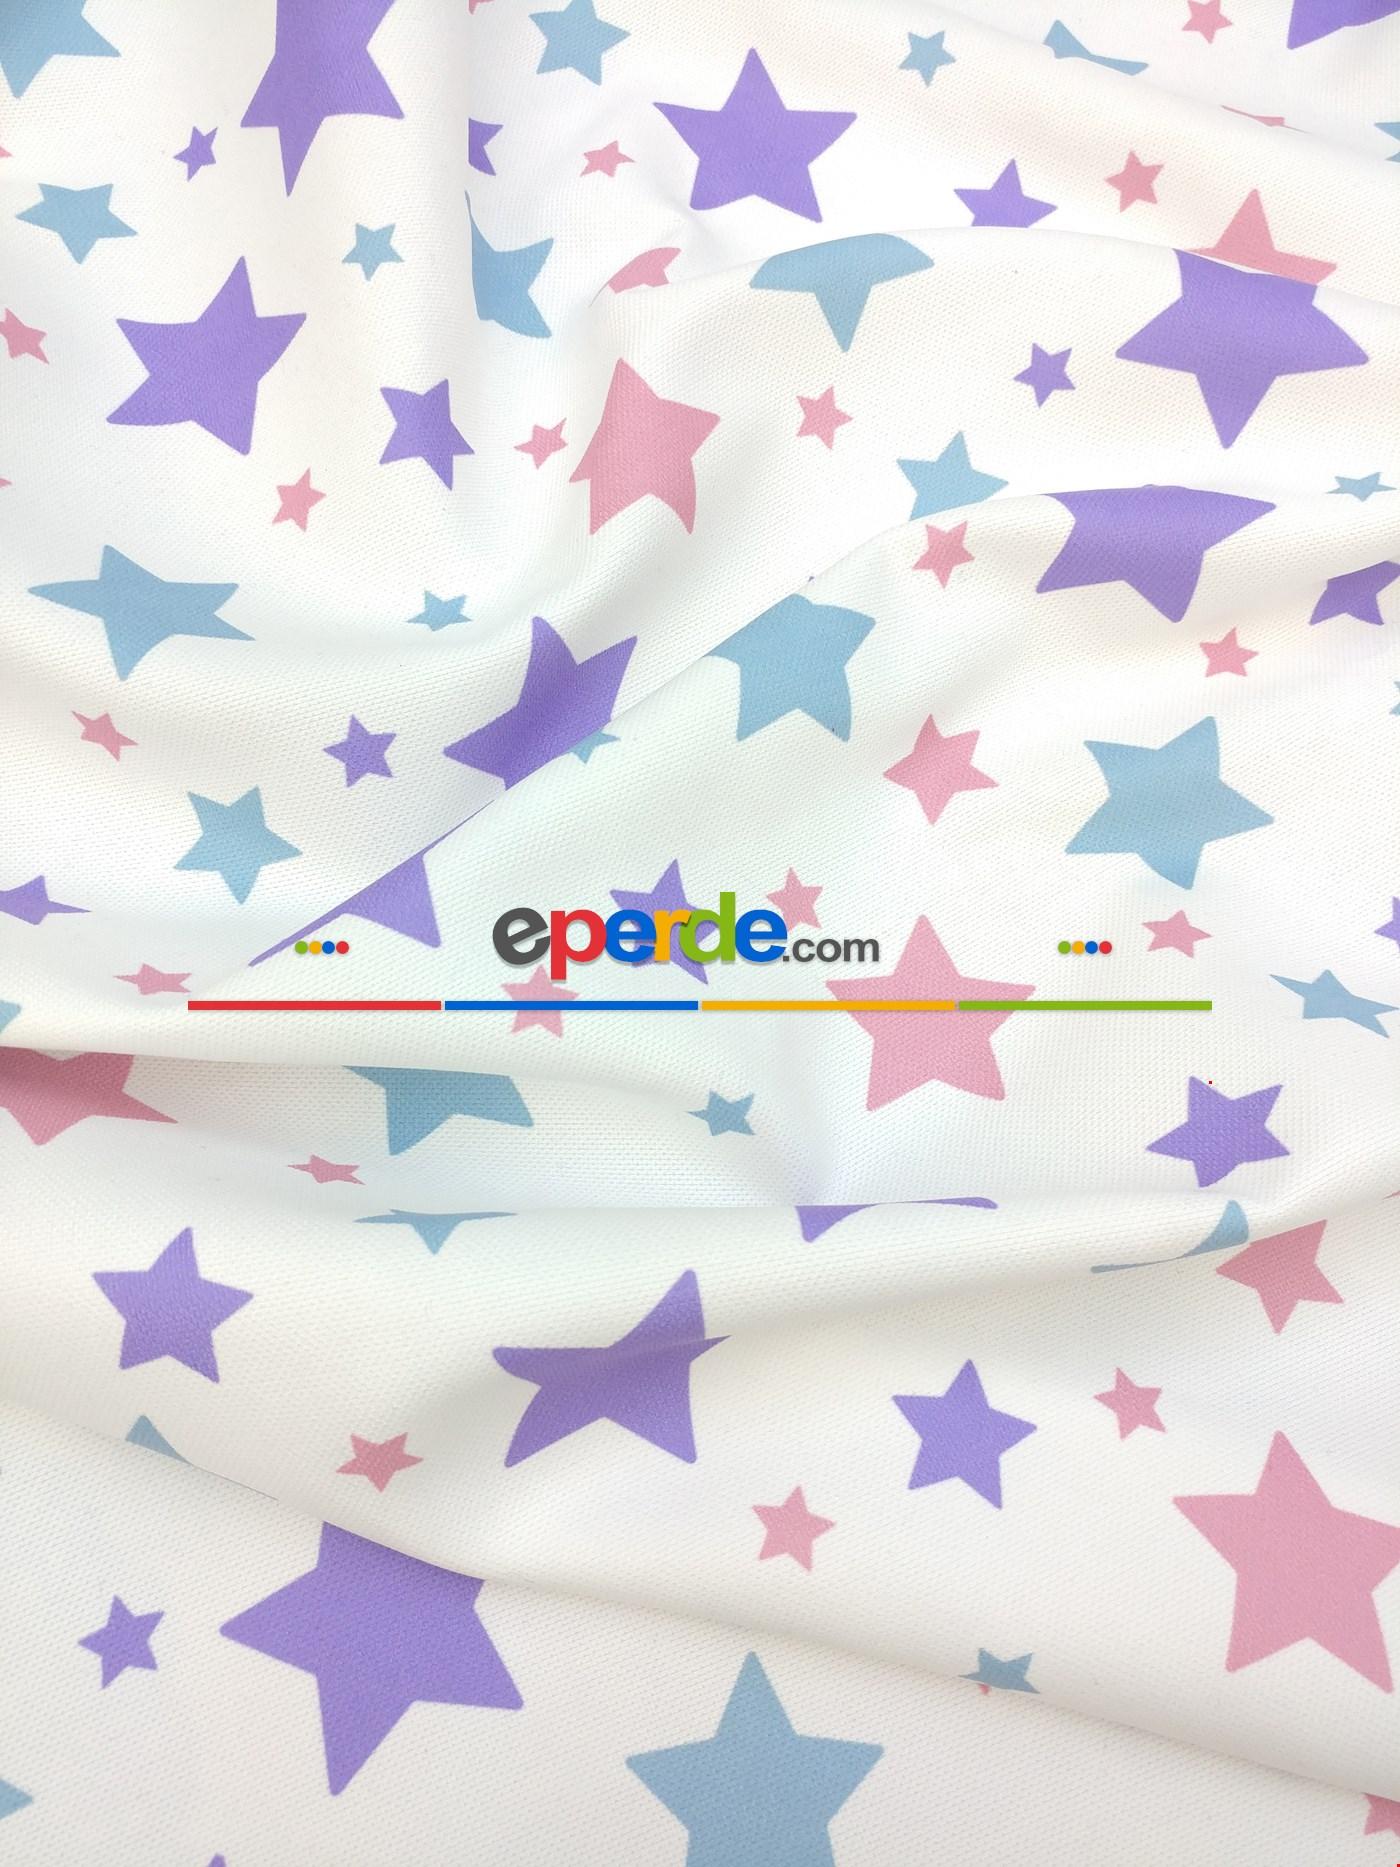 Soft Yıldızlar Kız & Erkek Bebek Odası Fon Perde Modelleri